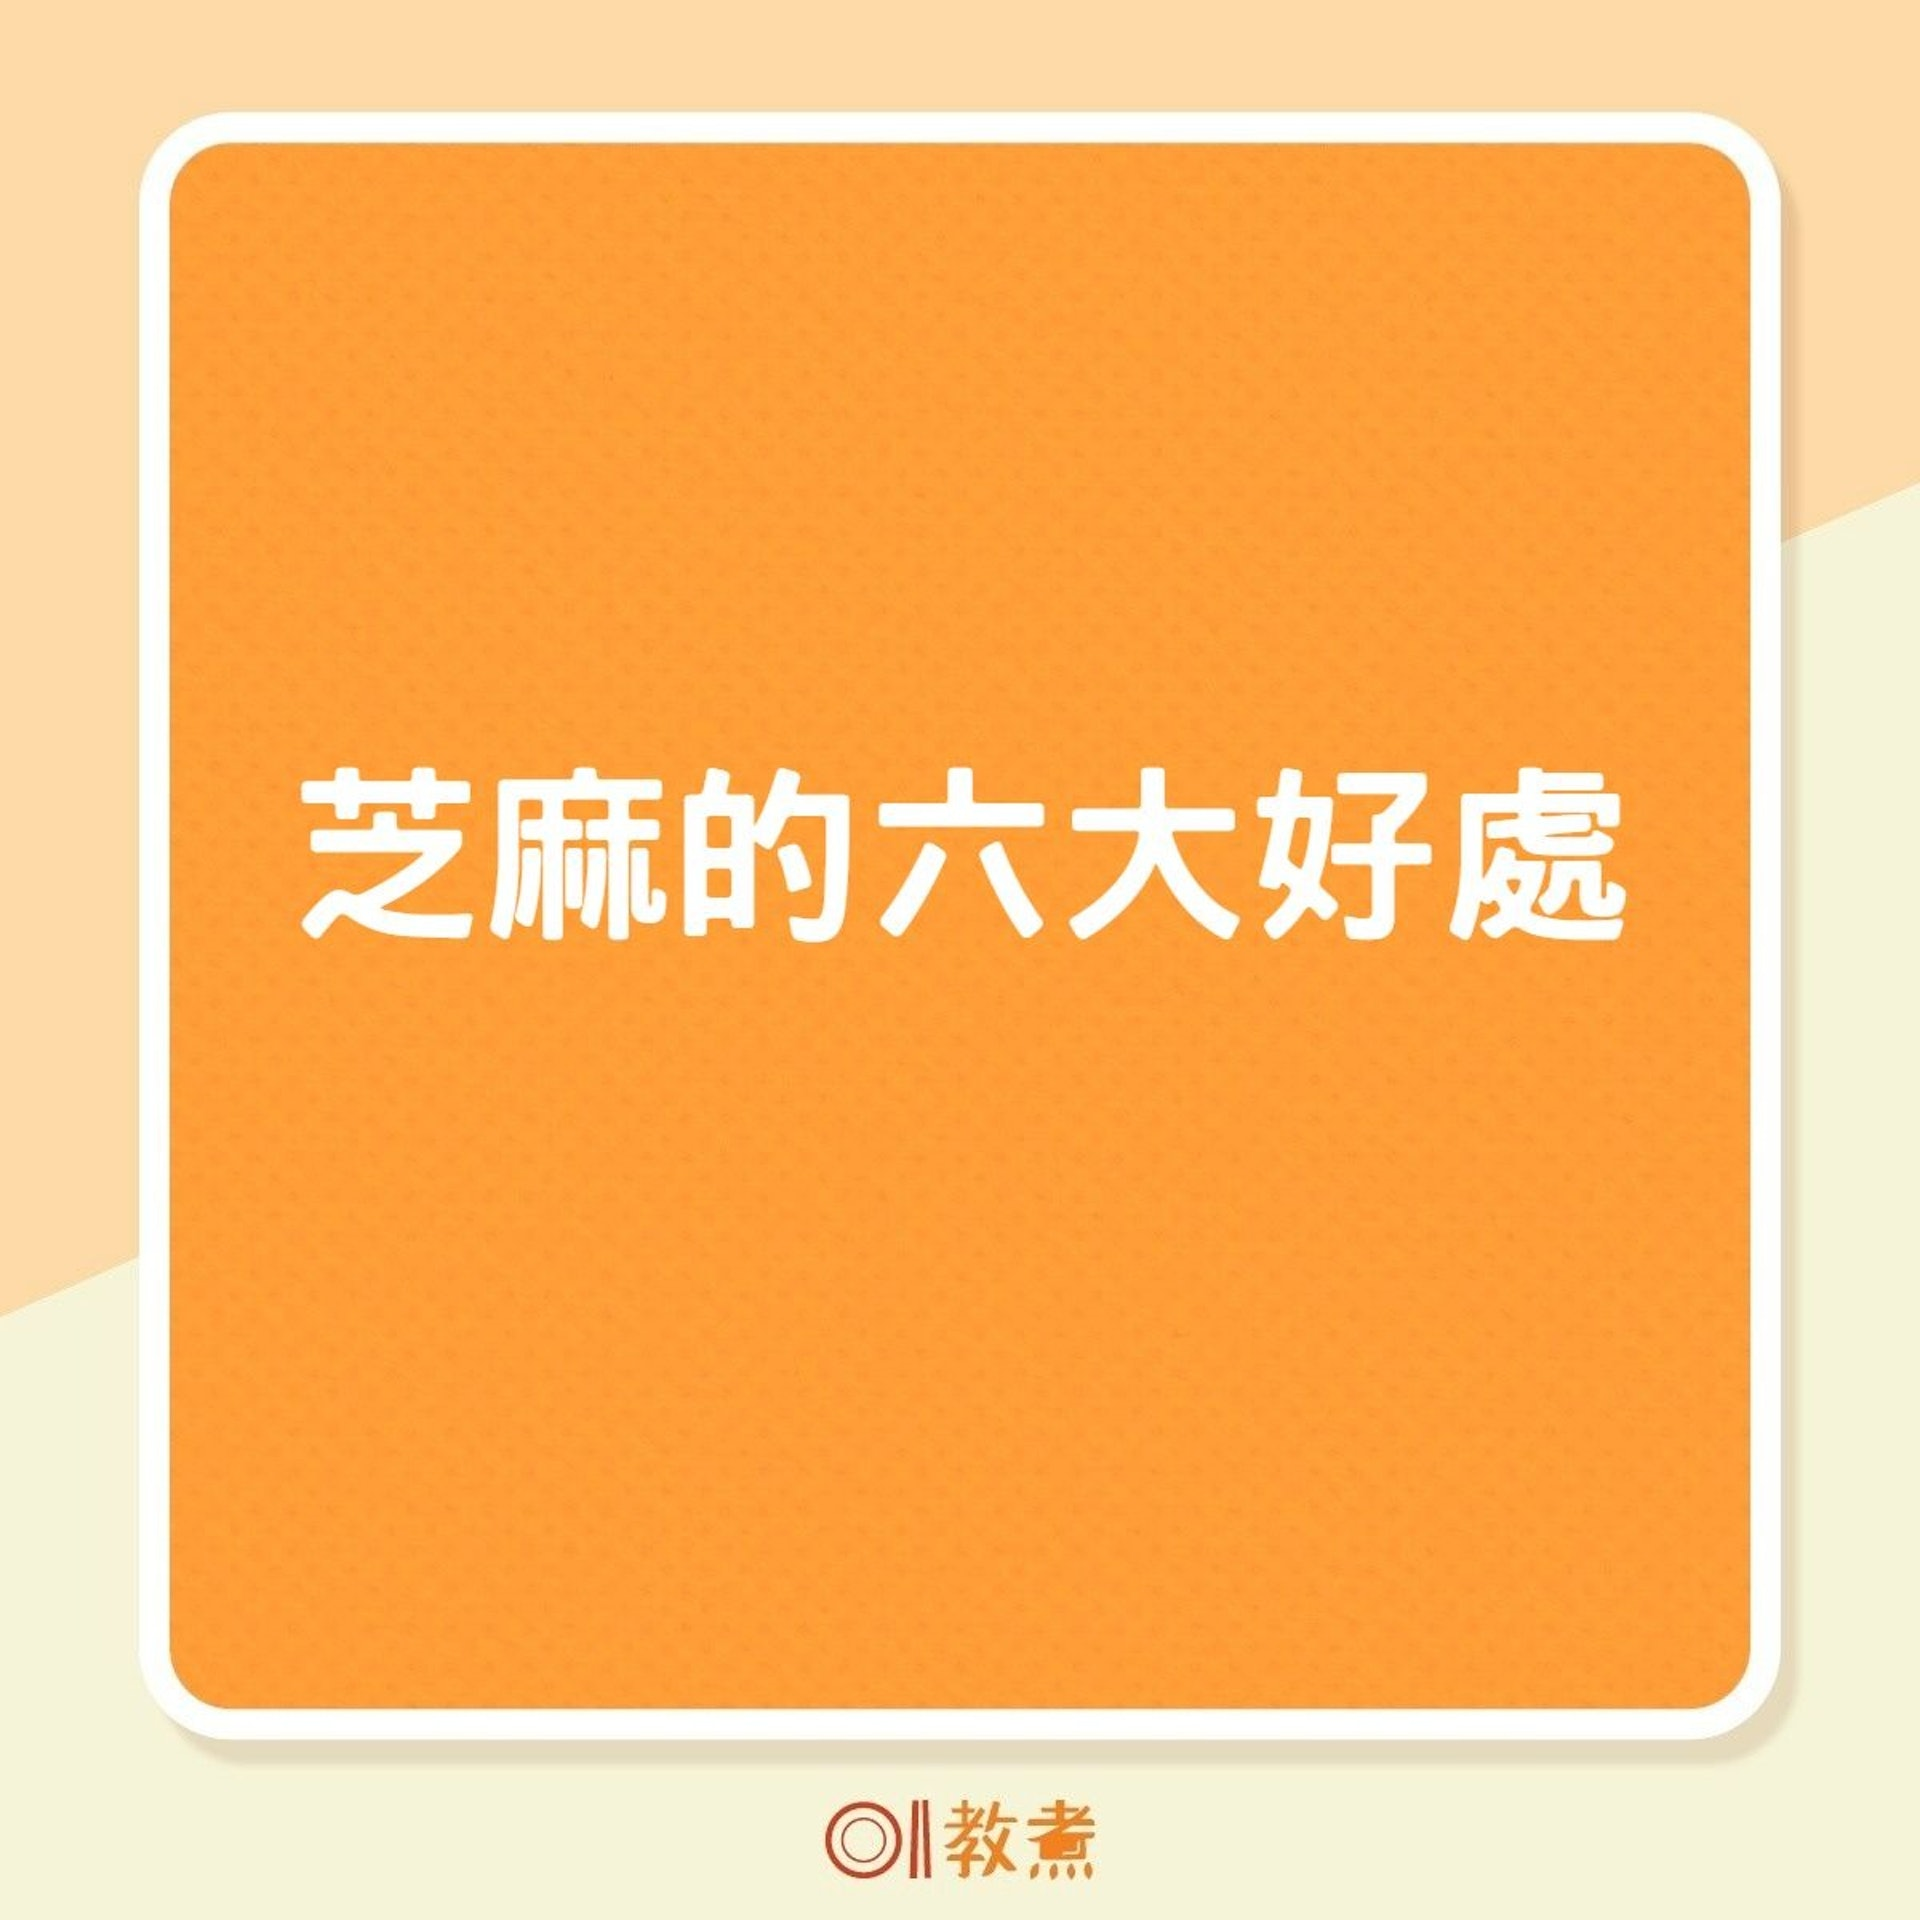 芝麻的六大好處(01製圖)